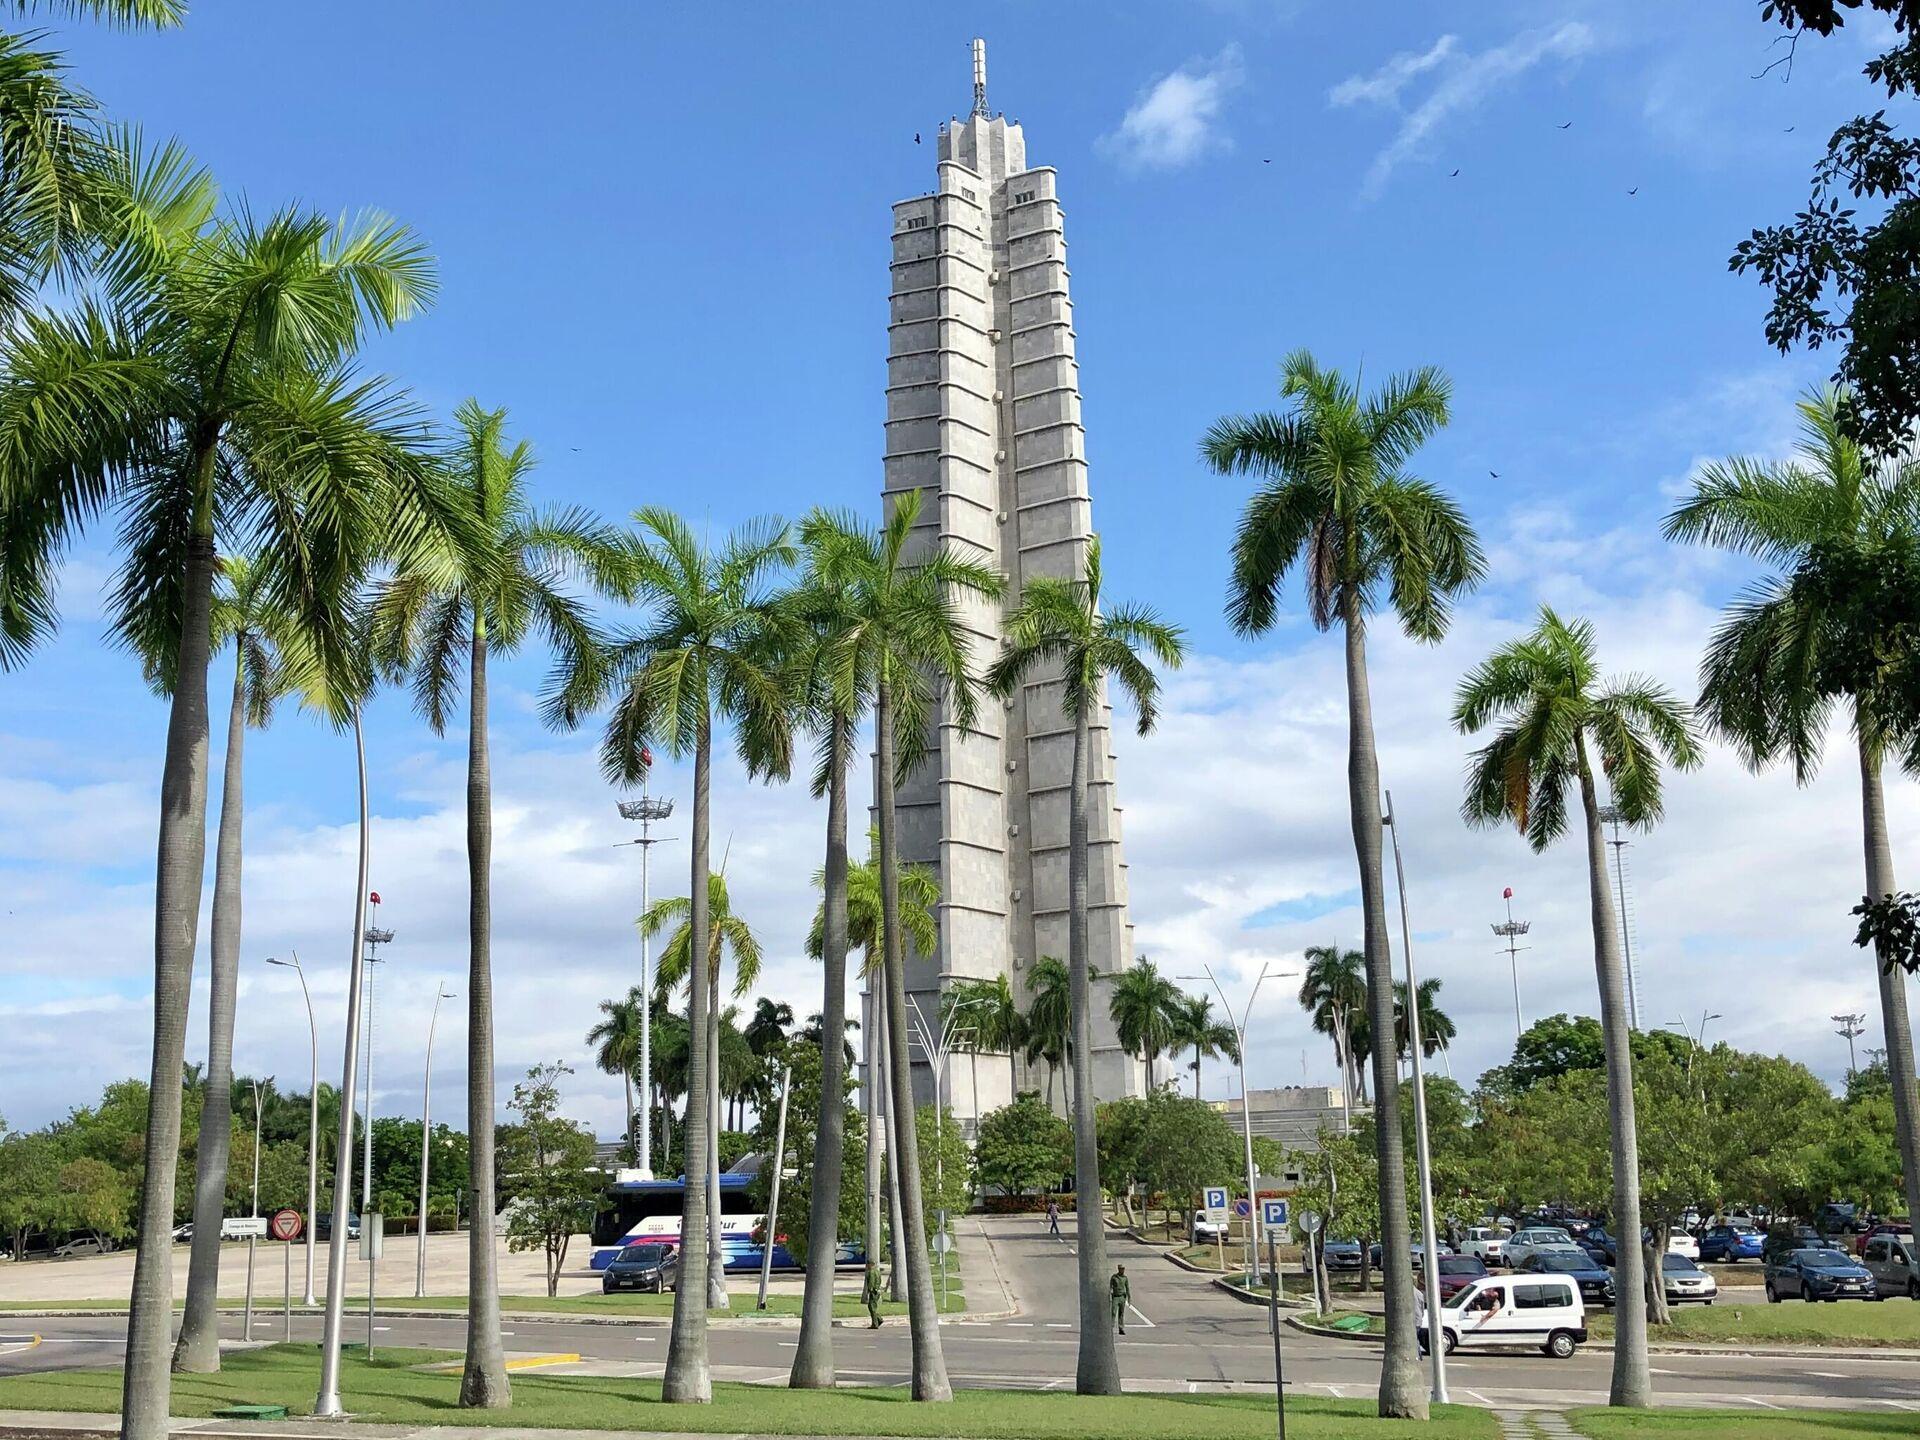 Мемориал национального героя Кубы Хосе Марти на площади Революции в Гаване. - РИА Новости, 1920, 18.11.2020